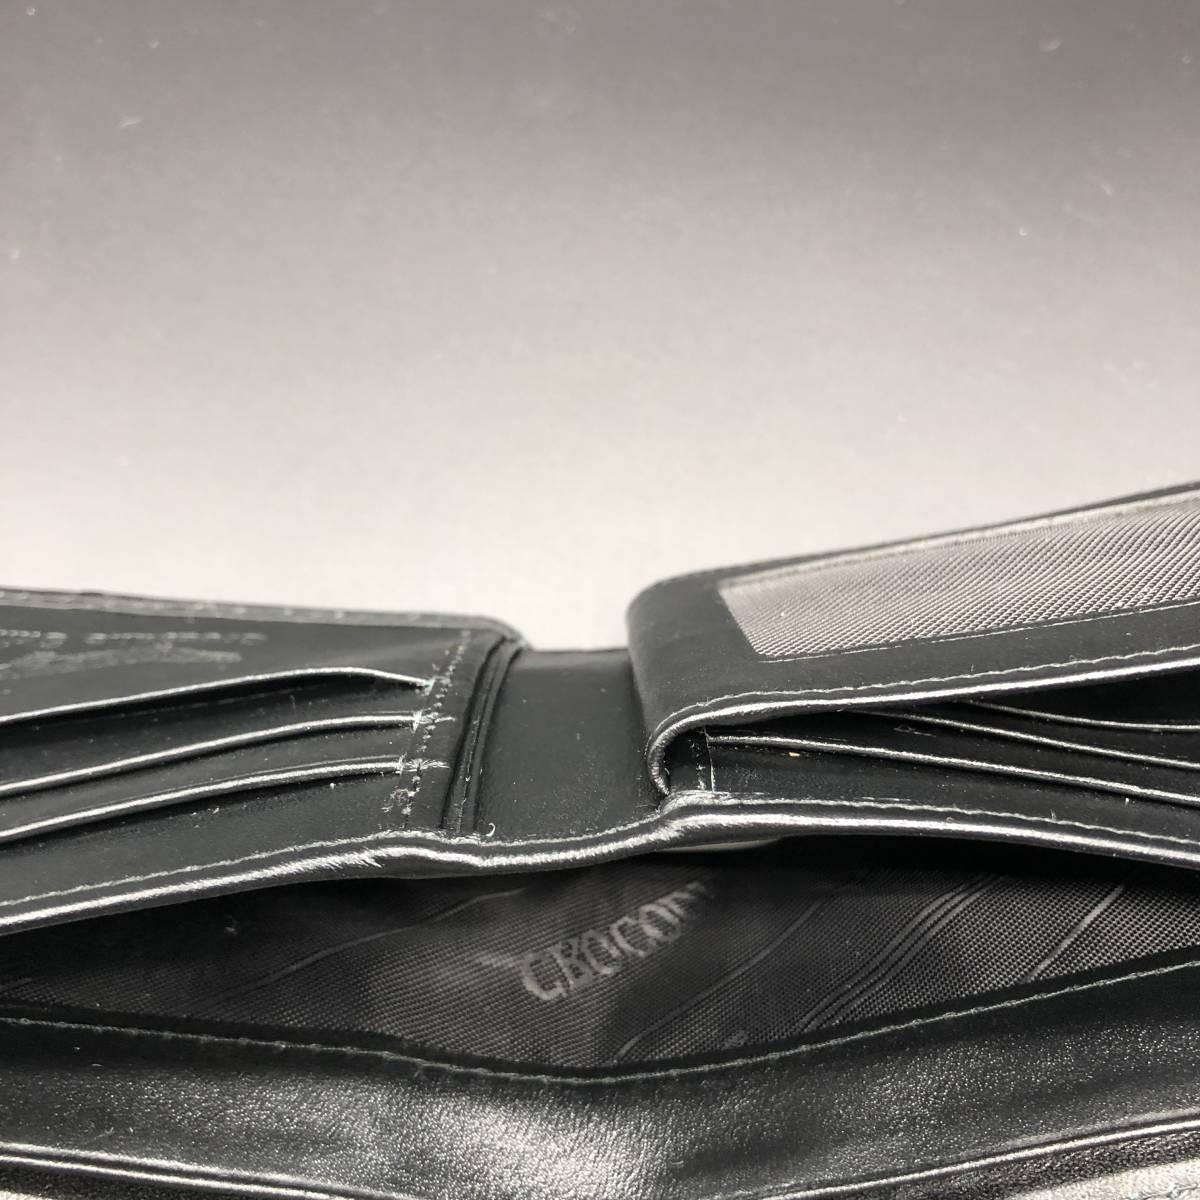 ■新品■ ◆ハンドメイド◆ 二つ折り財布 クロコダイル(背部分使用 )★海外工房店制作★ Ⅱ_画像10